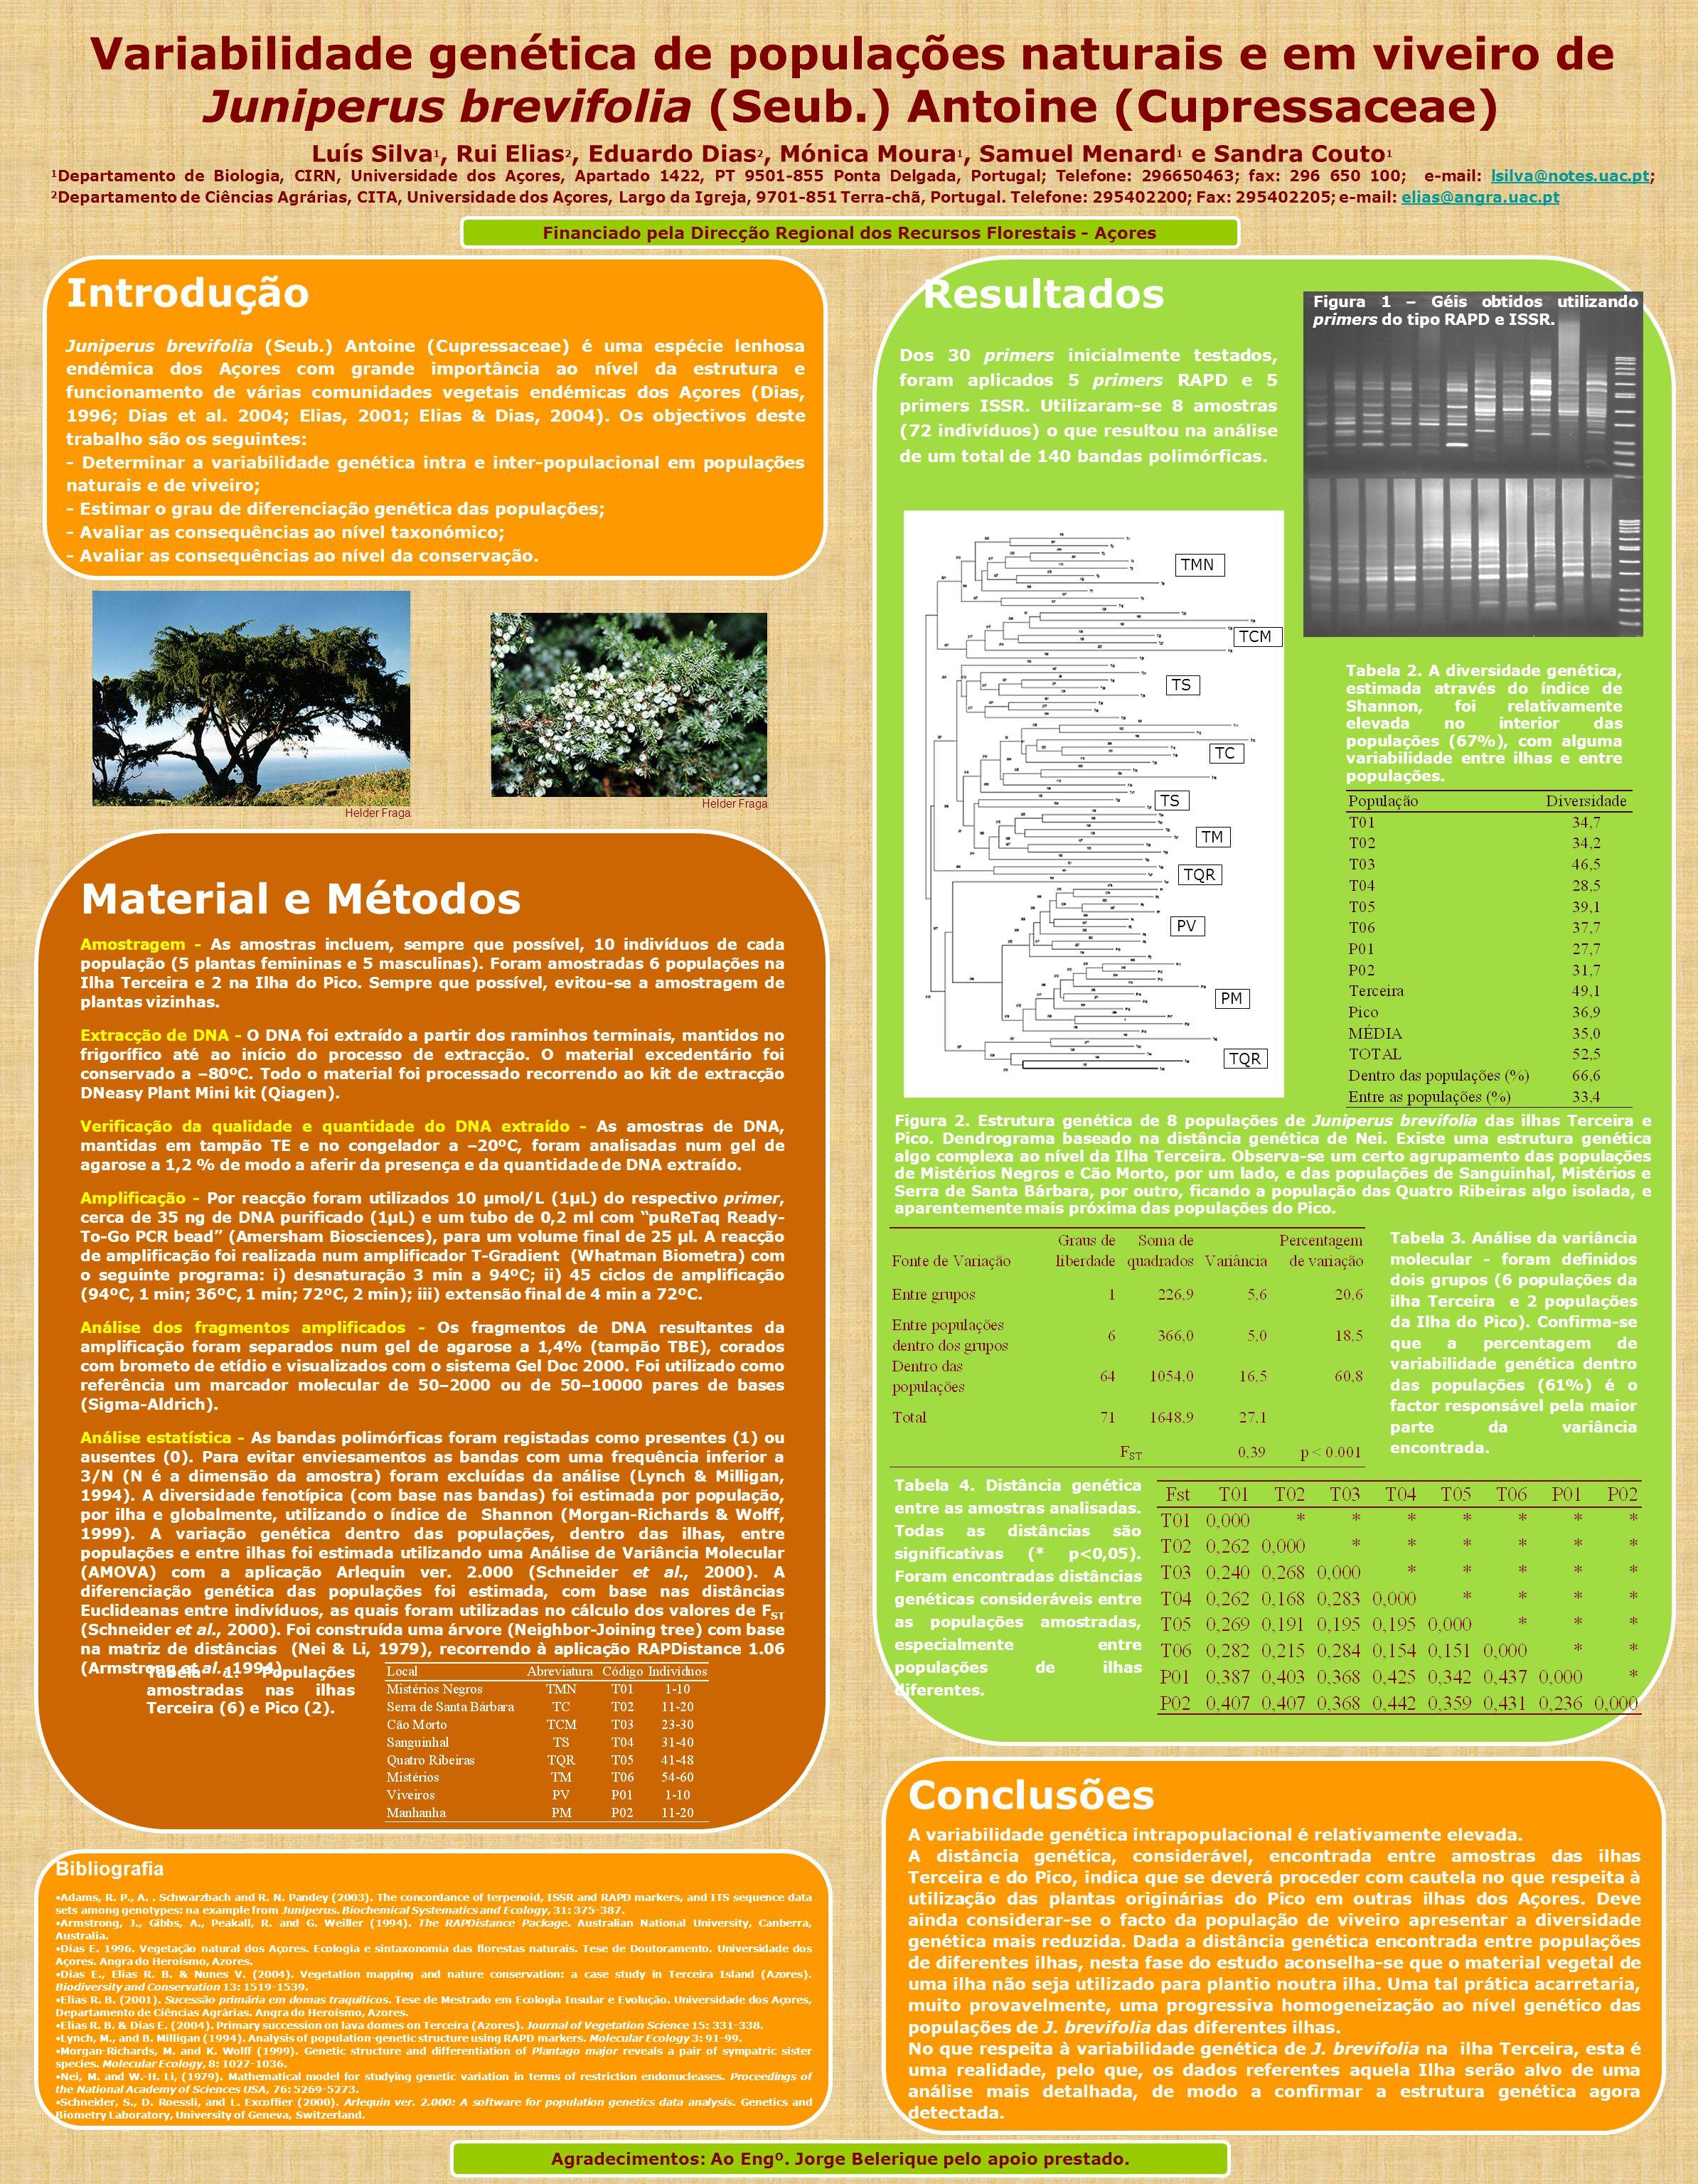 Variabilidade genética de populações naturais e em viveiro de